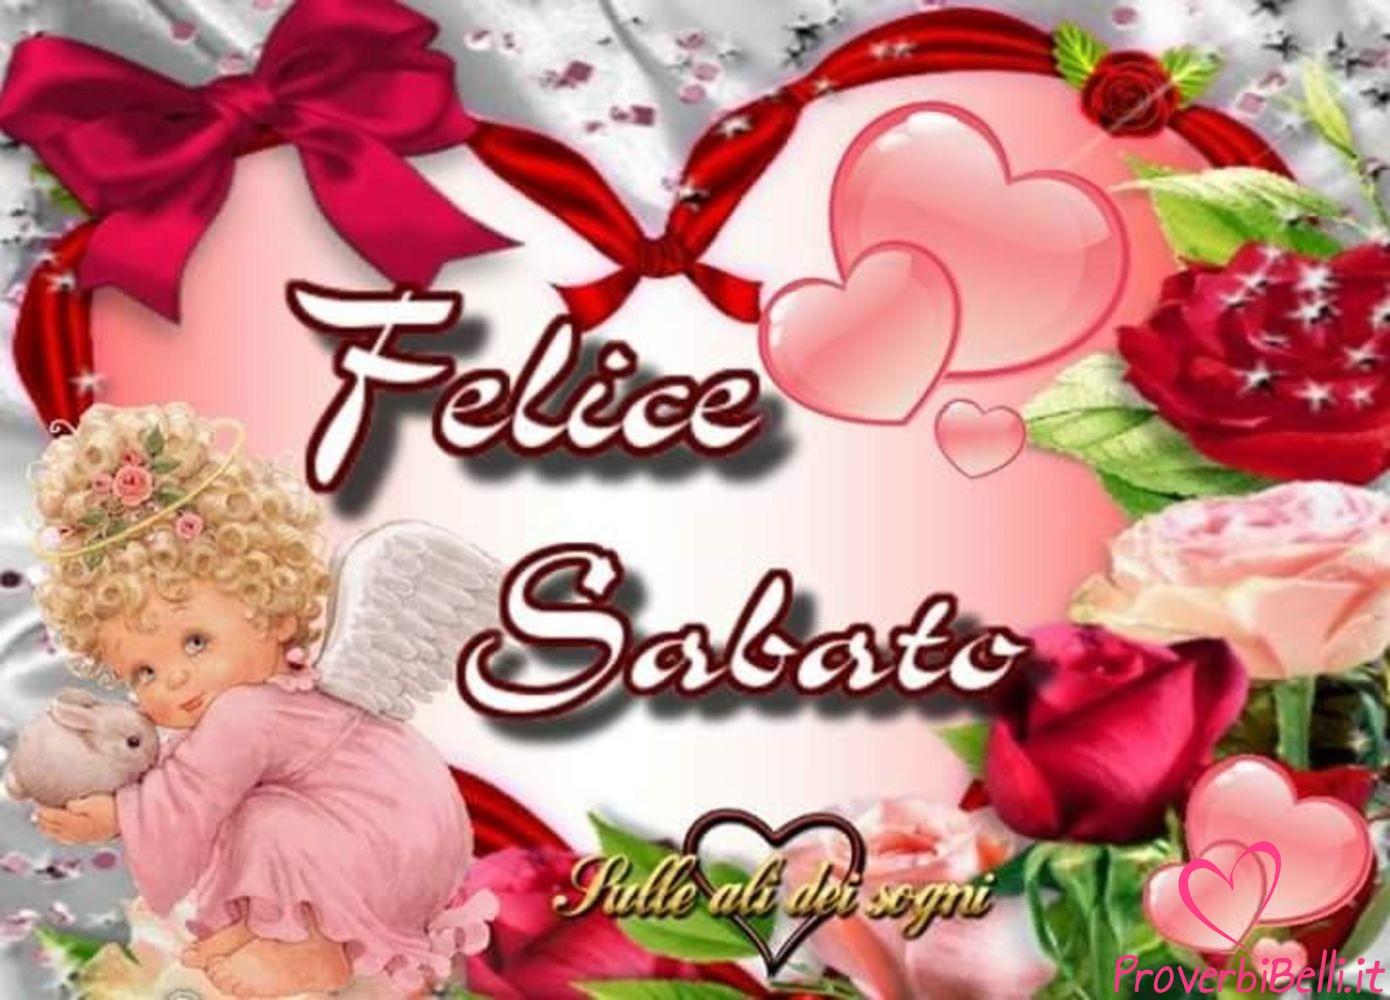 Belle-Immagini-Buongiorno-Sabato-Facebook-Whatsapp-30